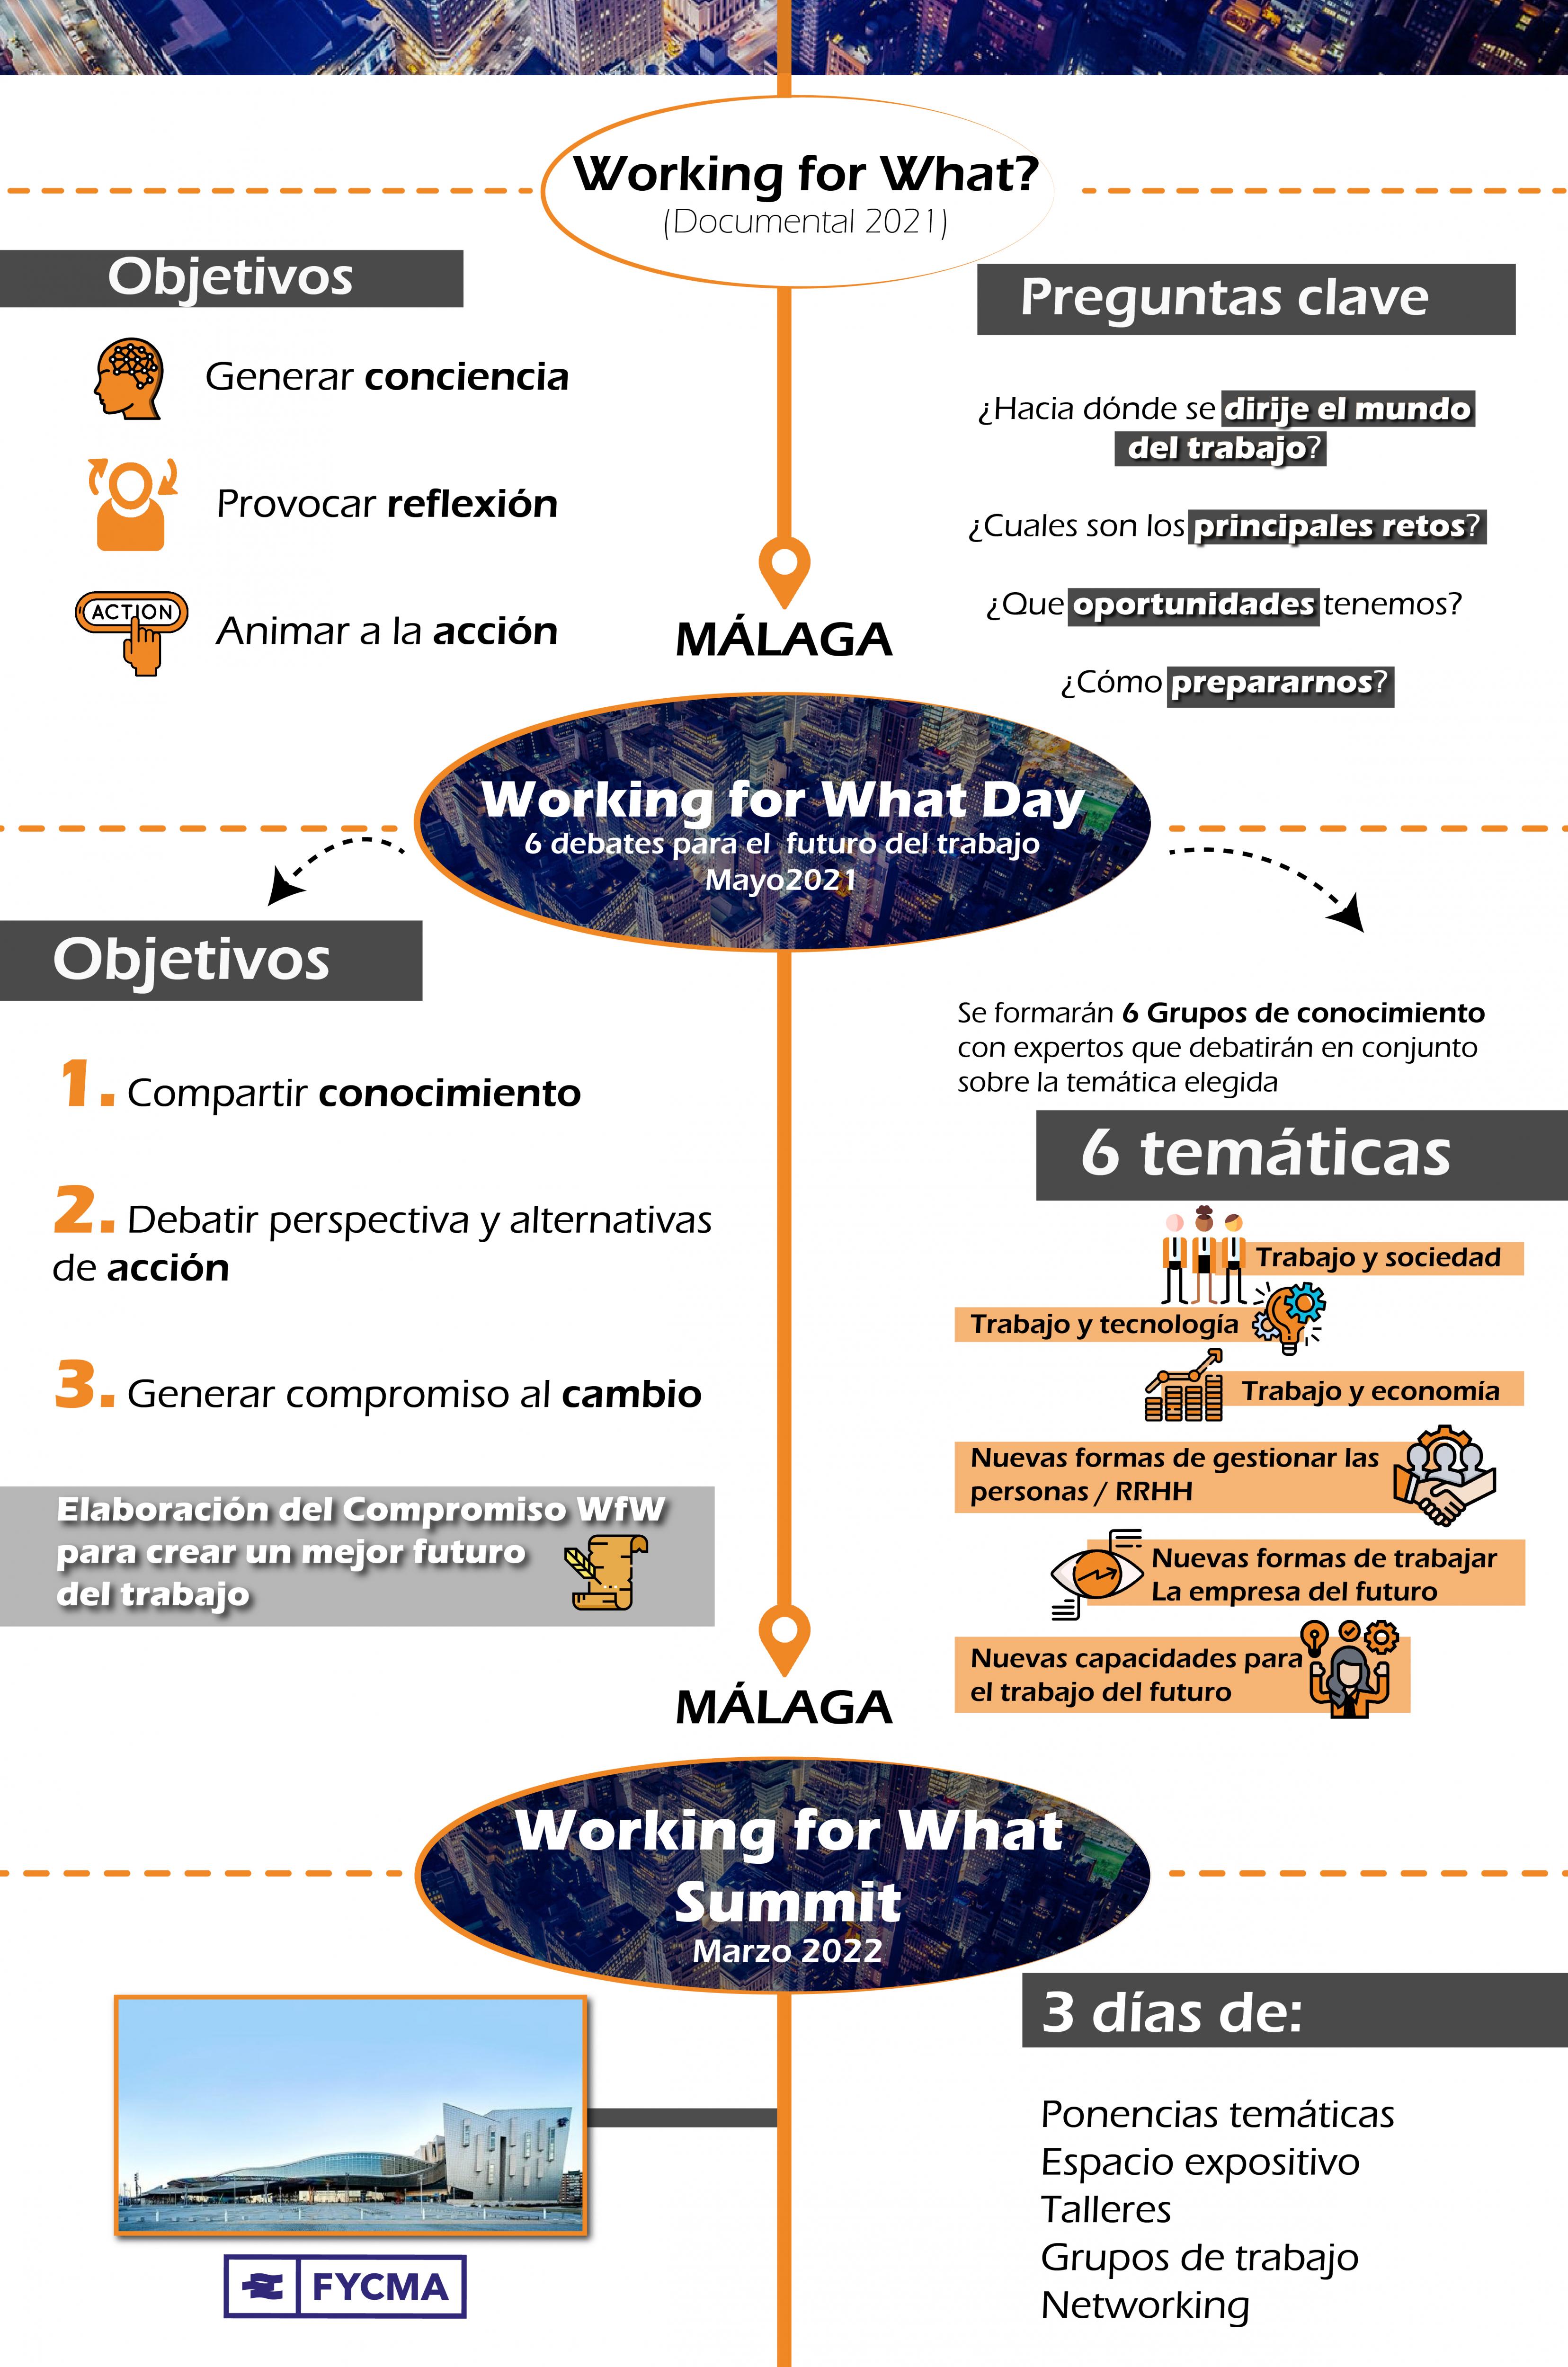 Qué es Working for What - El futuro del trabajo